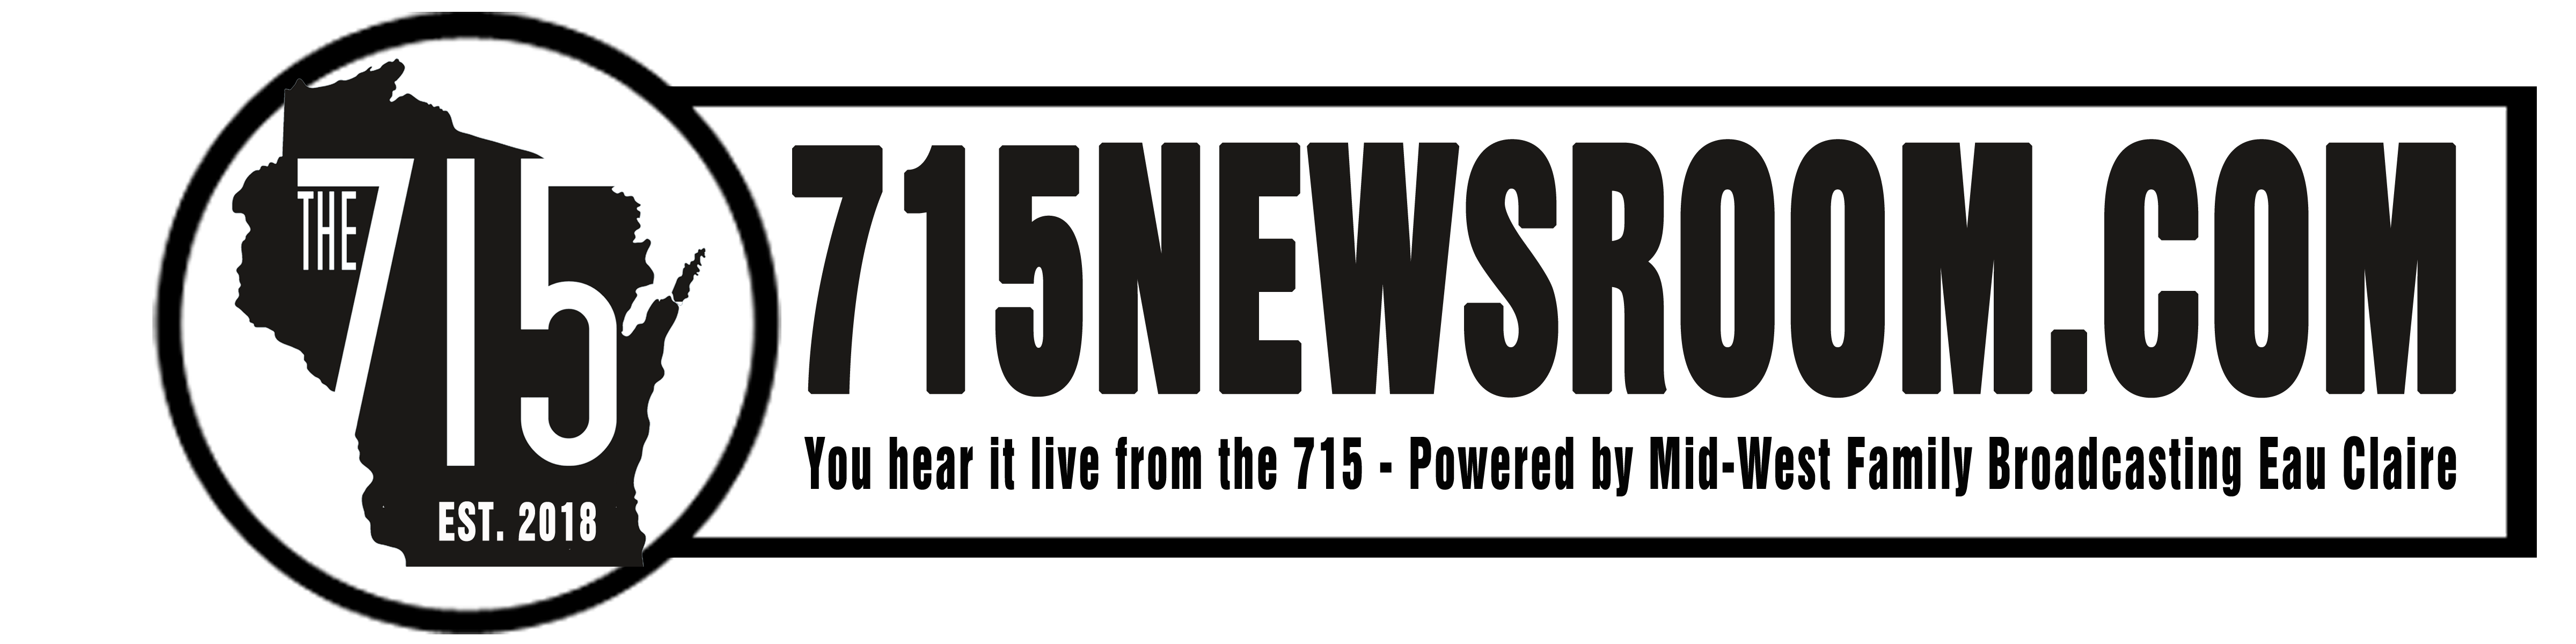 715Newsroom.com